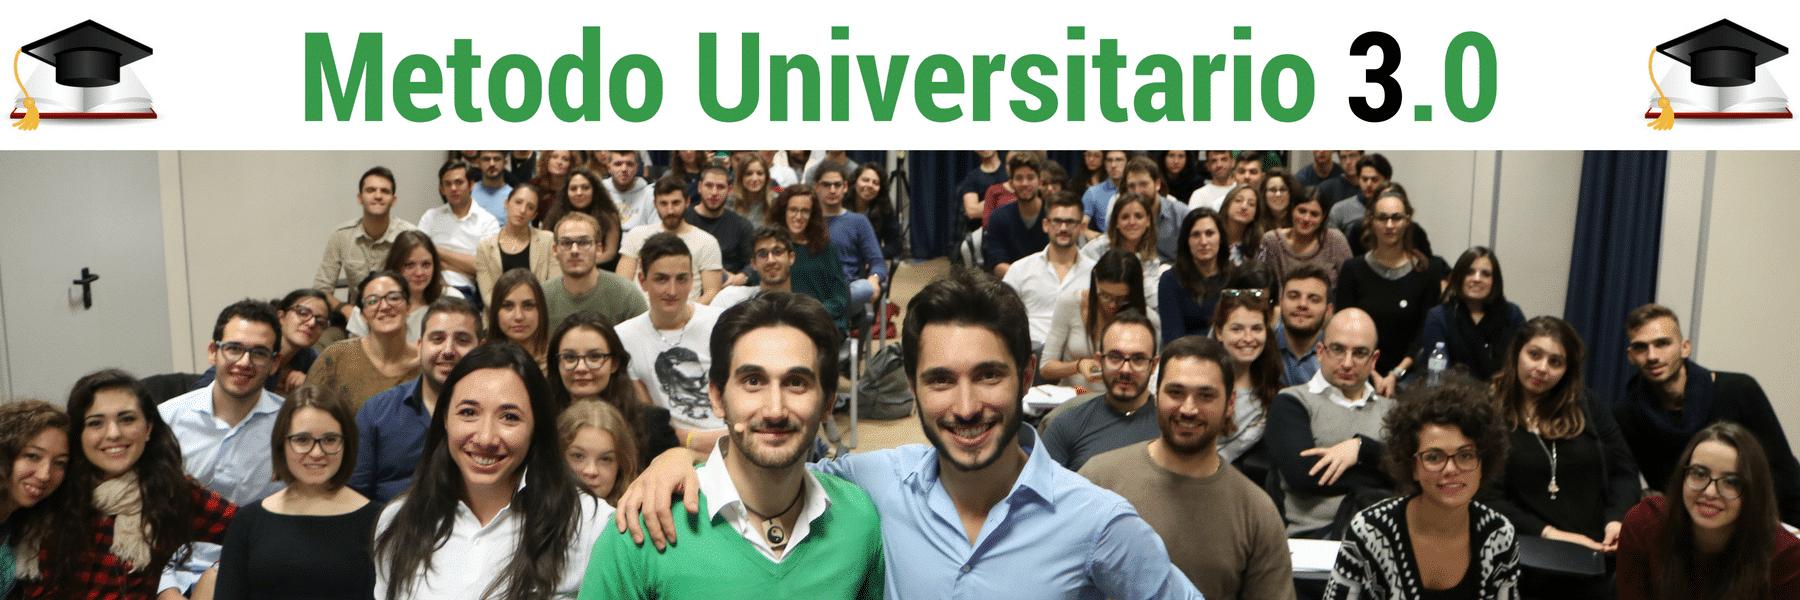 Metodo Universitario 3 - Registrazione ok